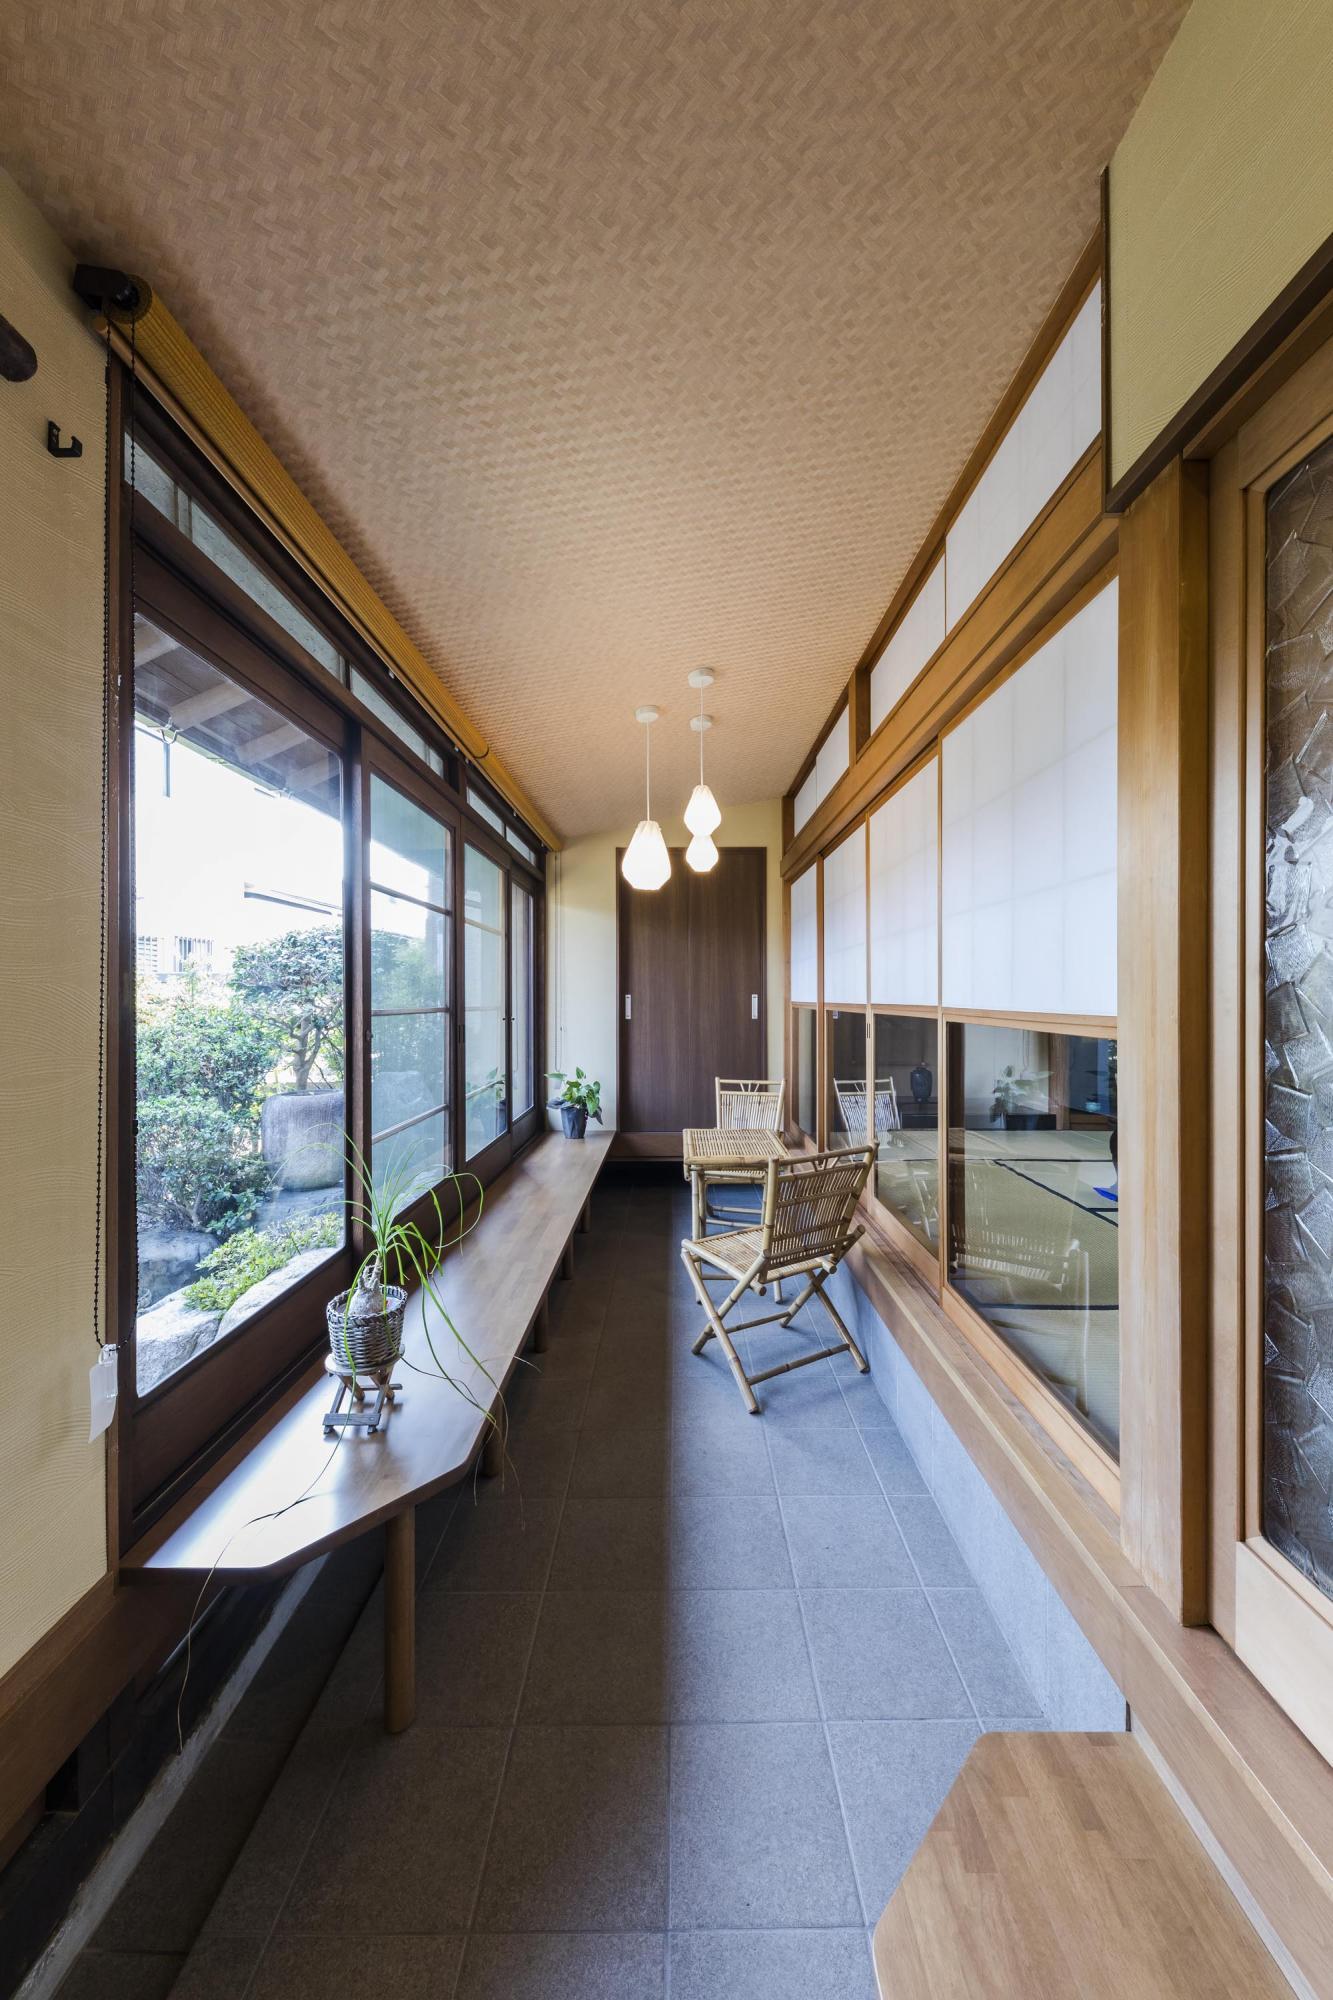 近所の方が訪ねてきた時にお喋りできるよう、玄関からつながる場所に、縁側のような土間空間を配置。庭を眺められる明るいスペースで、ご夫妻がここでお茶を飲むことも。「リビングやウッドデッキなどとともに、気分で選べるお気に入りの場所です」。庭に面した部分には新しい窓、和室との境には古い建具を使用しており、新